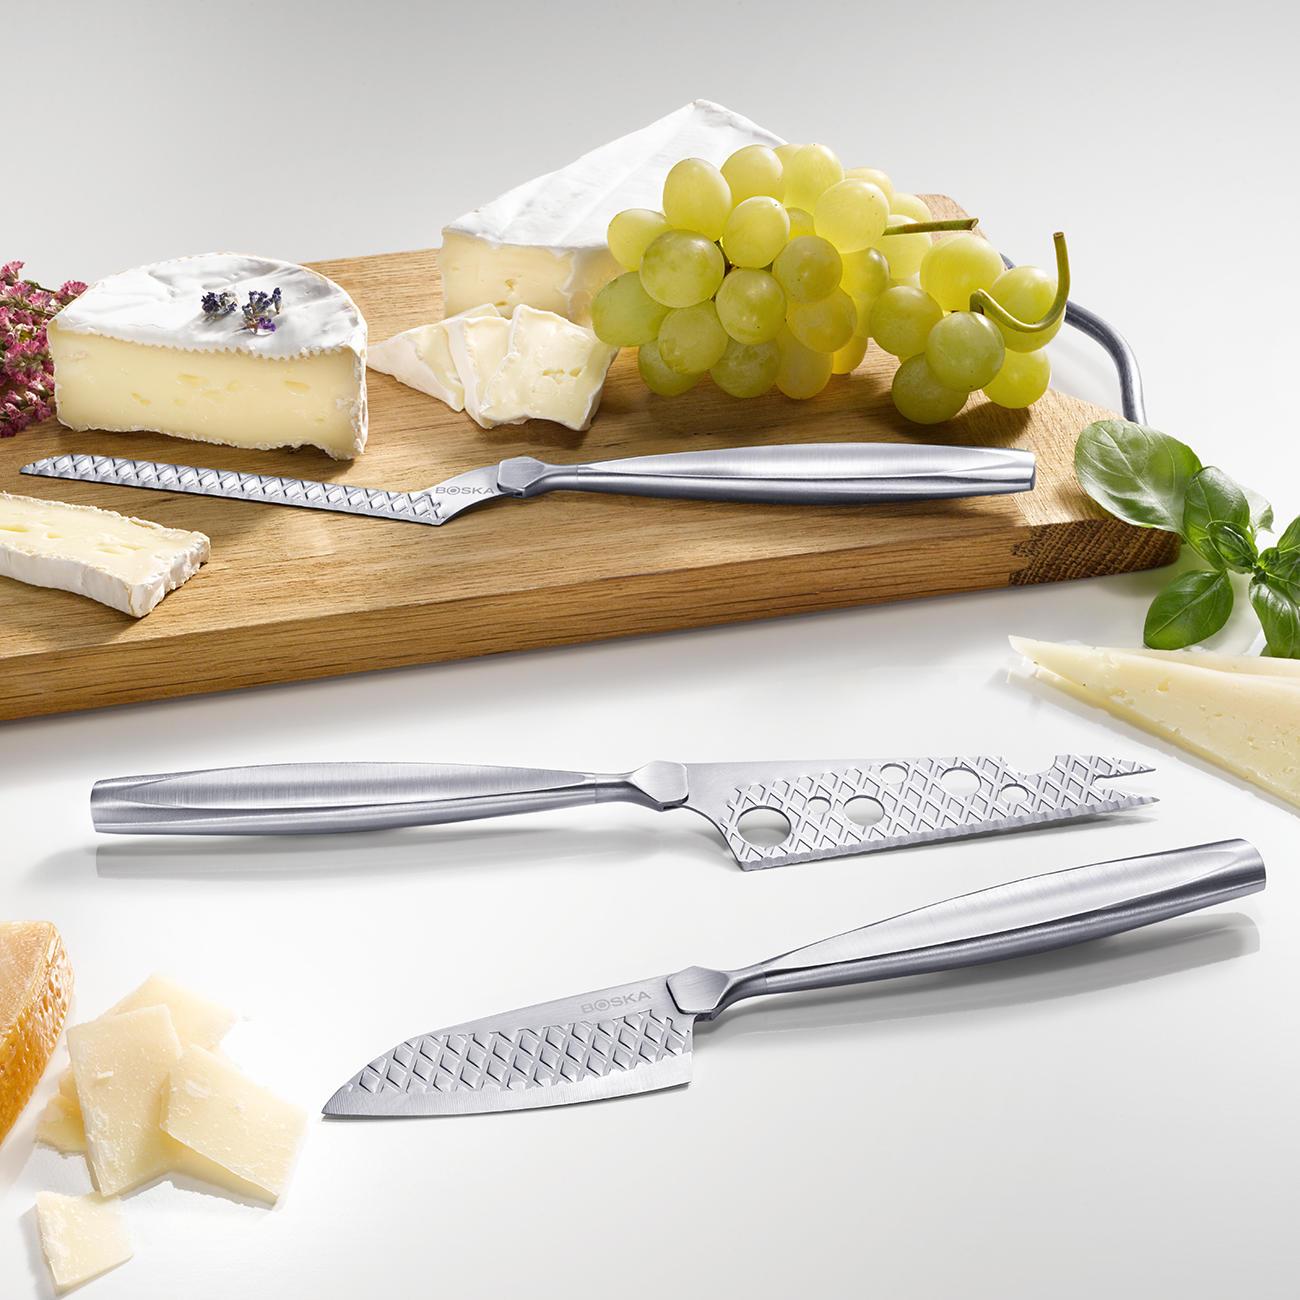 couteaux à fromage boska monaco+, lot de 3 pièces pas cher